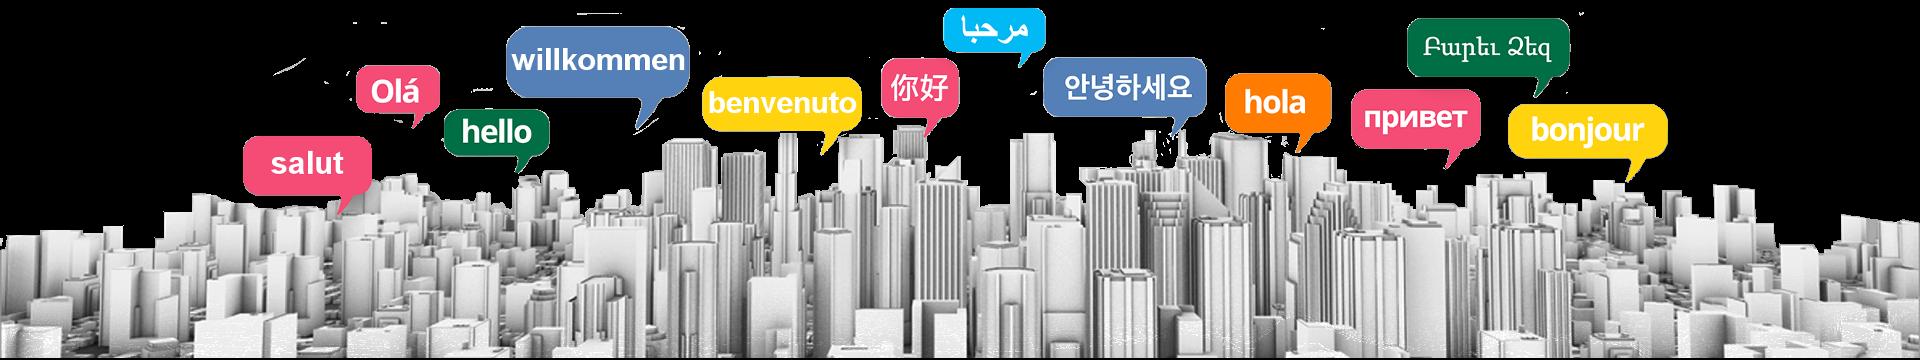 traduceri-legalizate-traduceri-autorizate